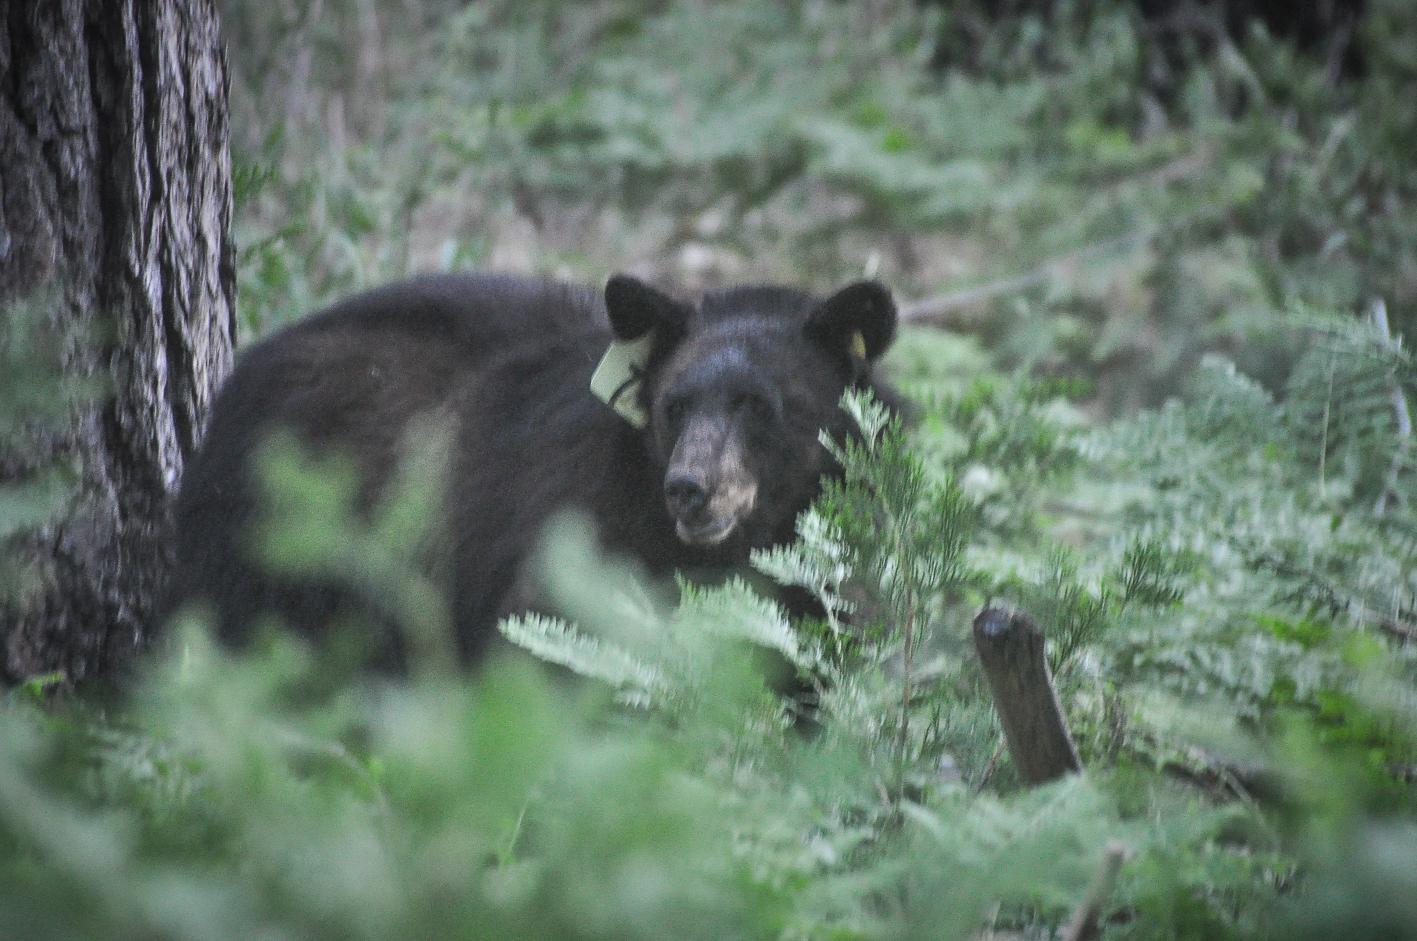 Dentro do Yosemite, vivem vários ursos negros, em geral tímidos. Este tinha uma tag de identificação.